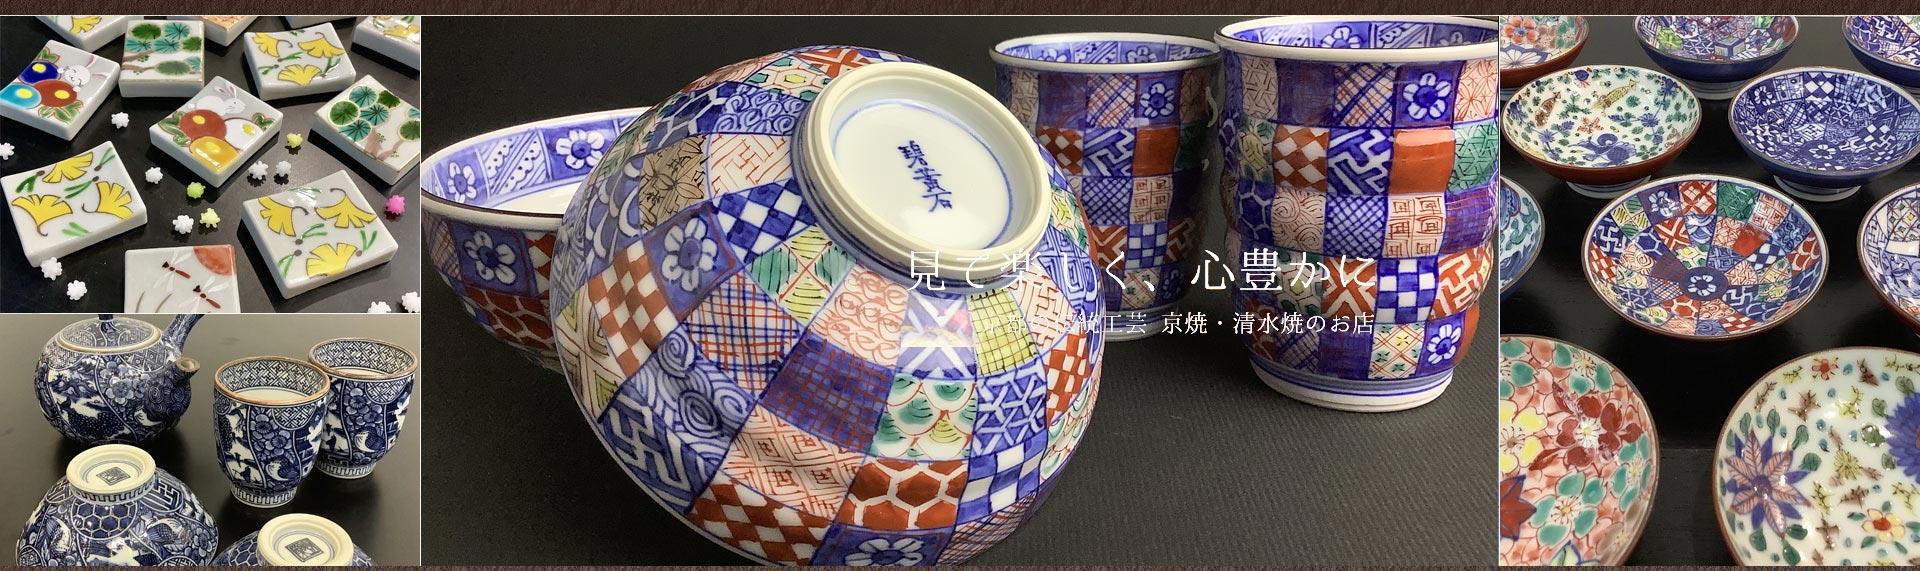 見て楽しく、心豊かに京都の伝統工芸京焼・清水焼のお店